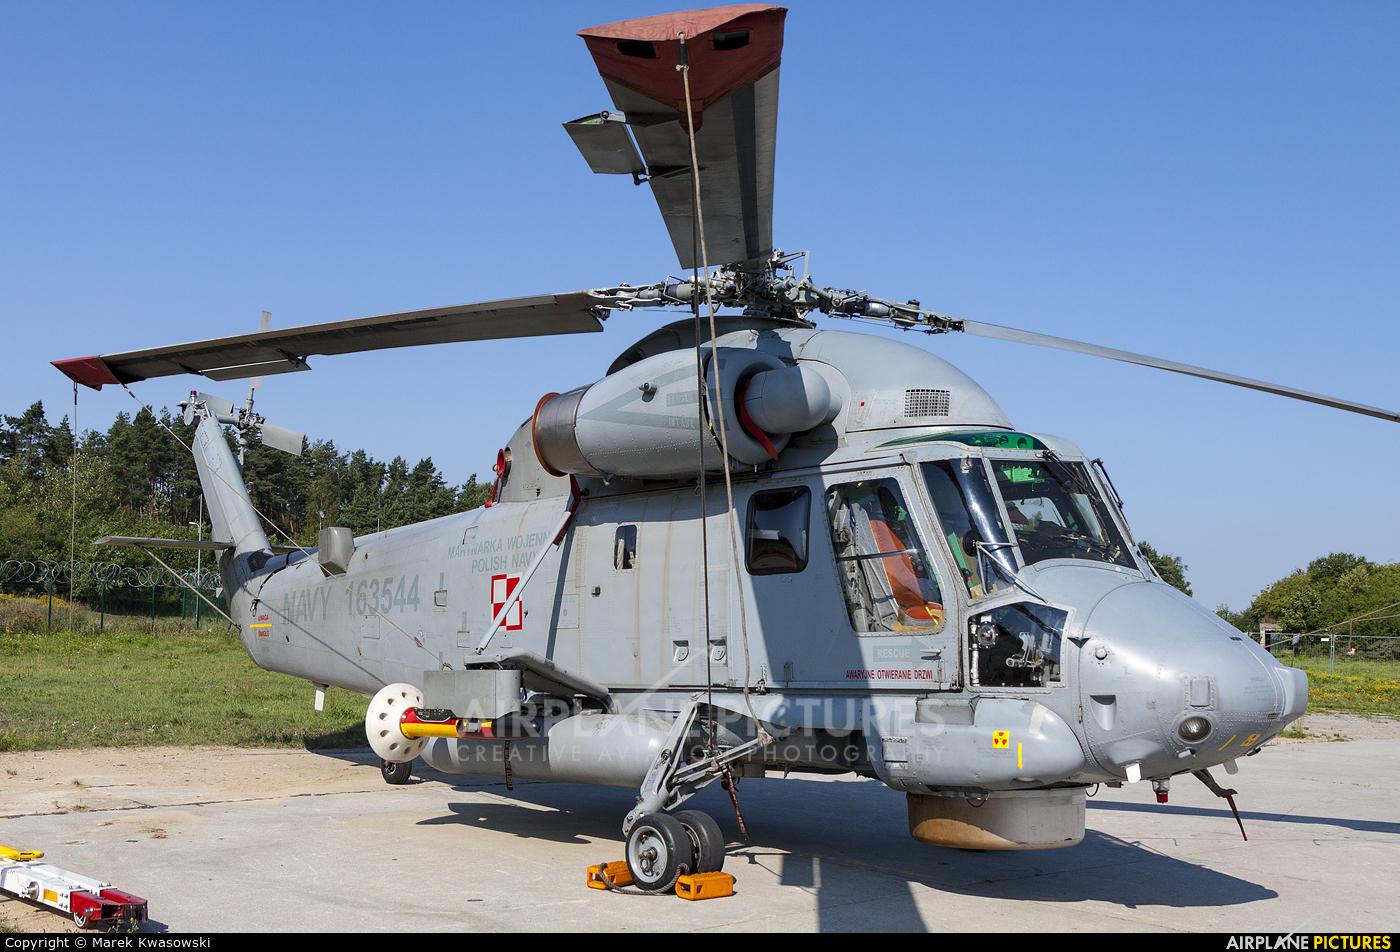 Poland - Navy 163544 aircraft at Gdynia- Babie Doły (Oksywie)